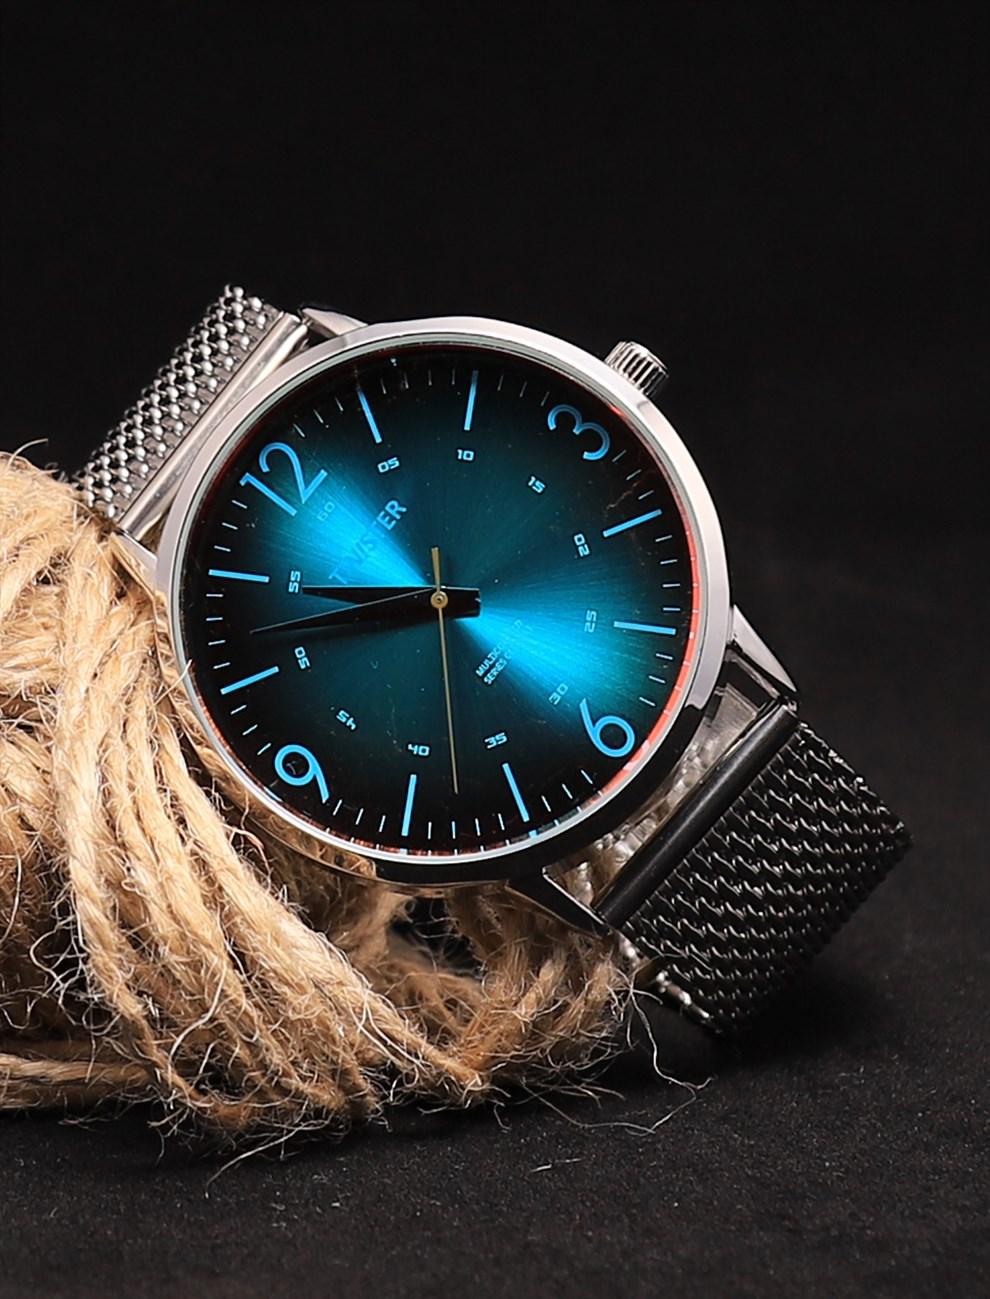 ساعة يد بإطار دائري معدني قش رجالي